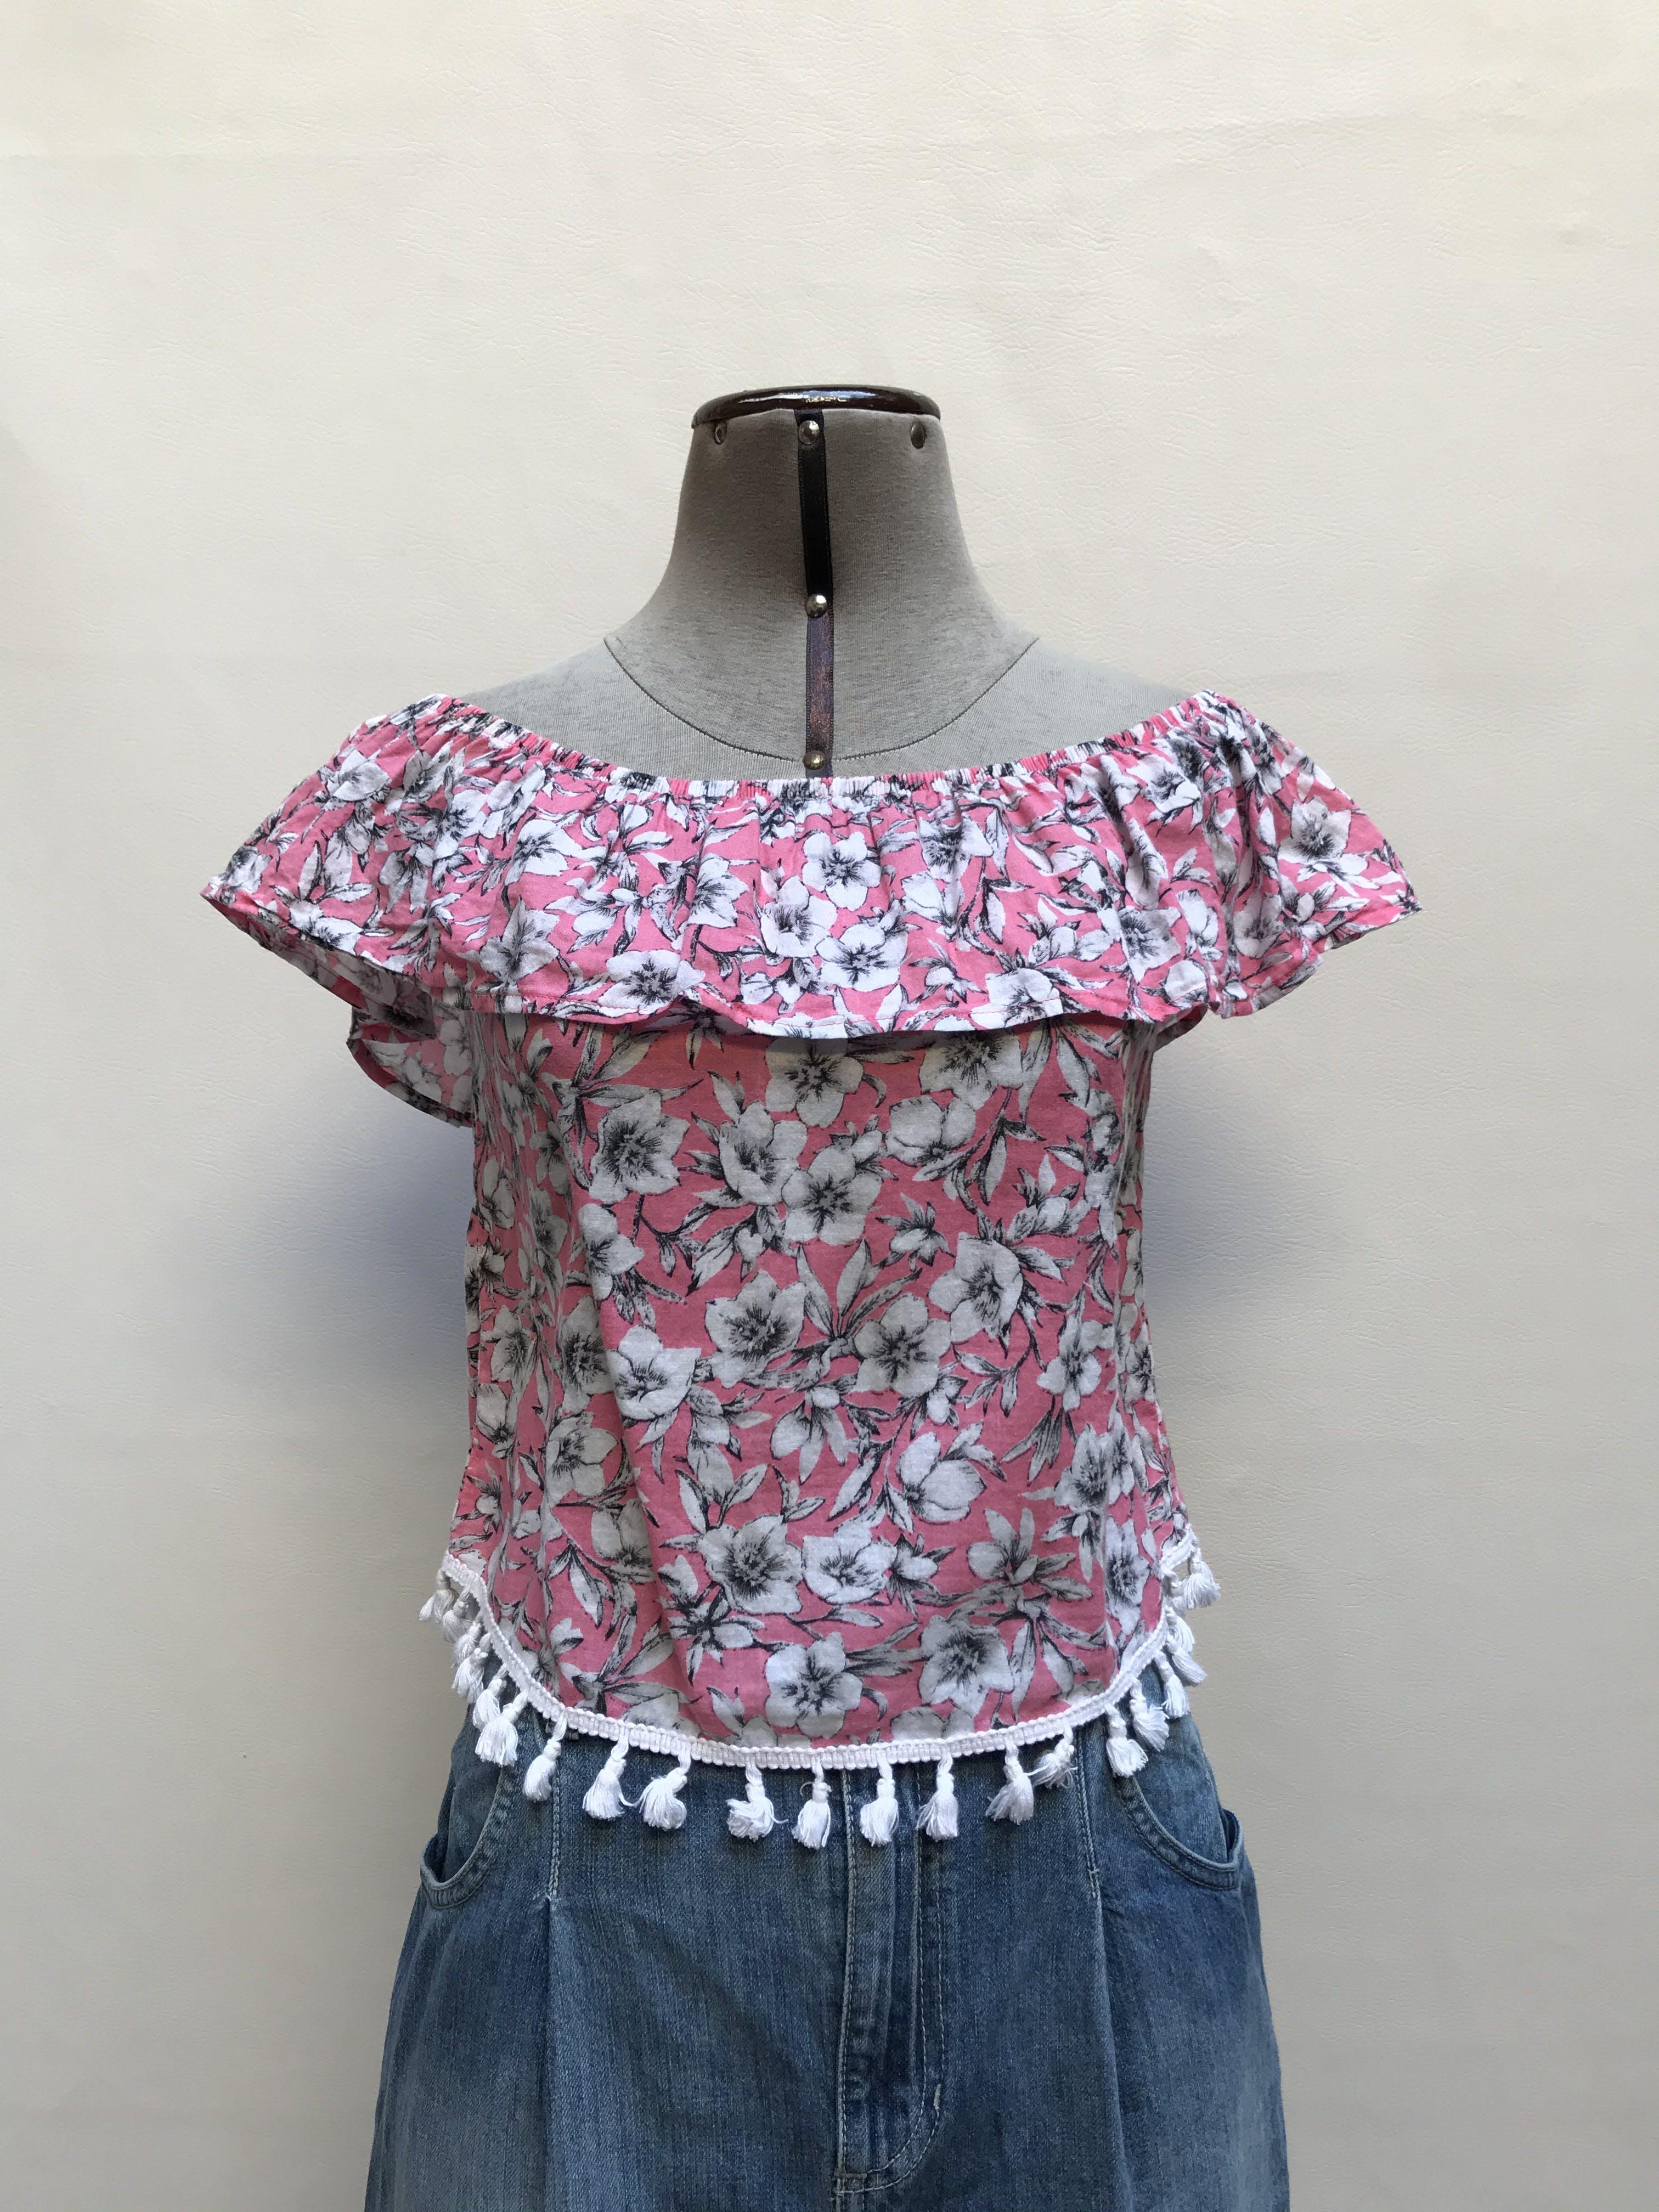 Blusa Squeeze rosa cone stampado de flores blancas, off shoulder con volante y flecos en la basta Talla XS